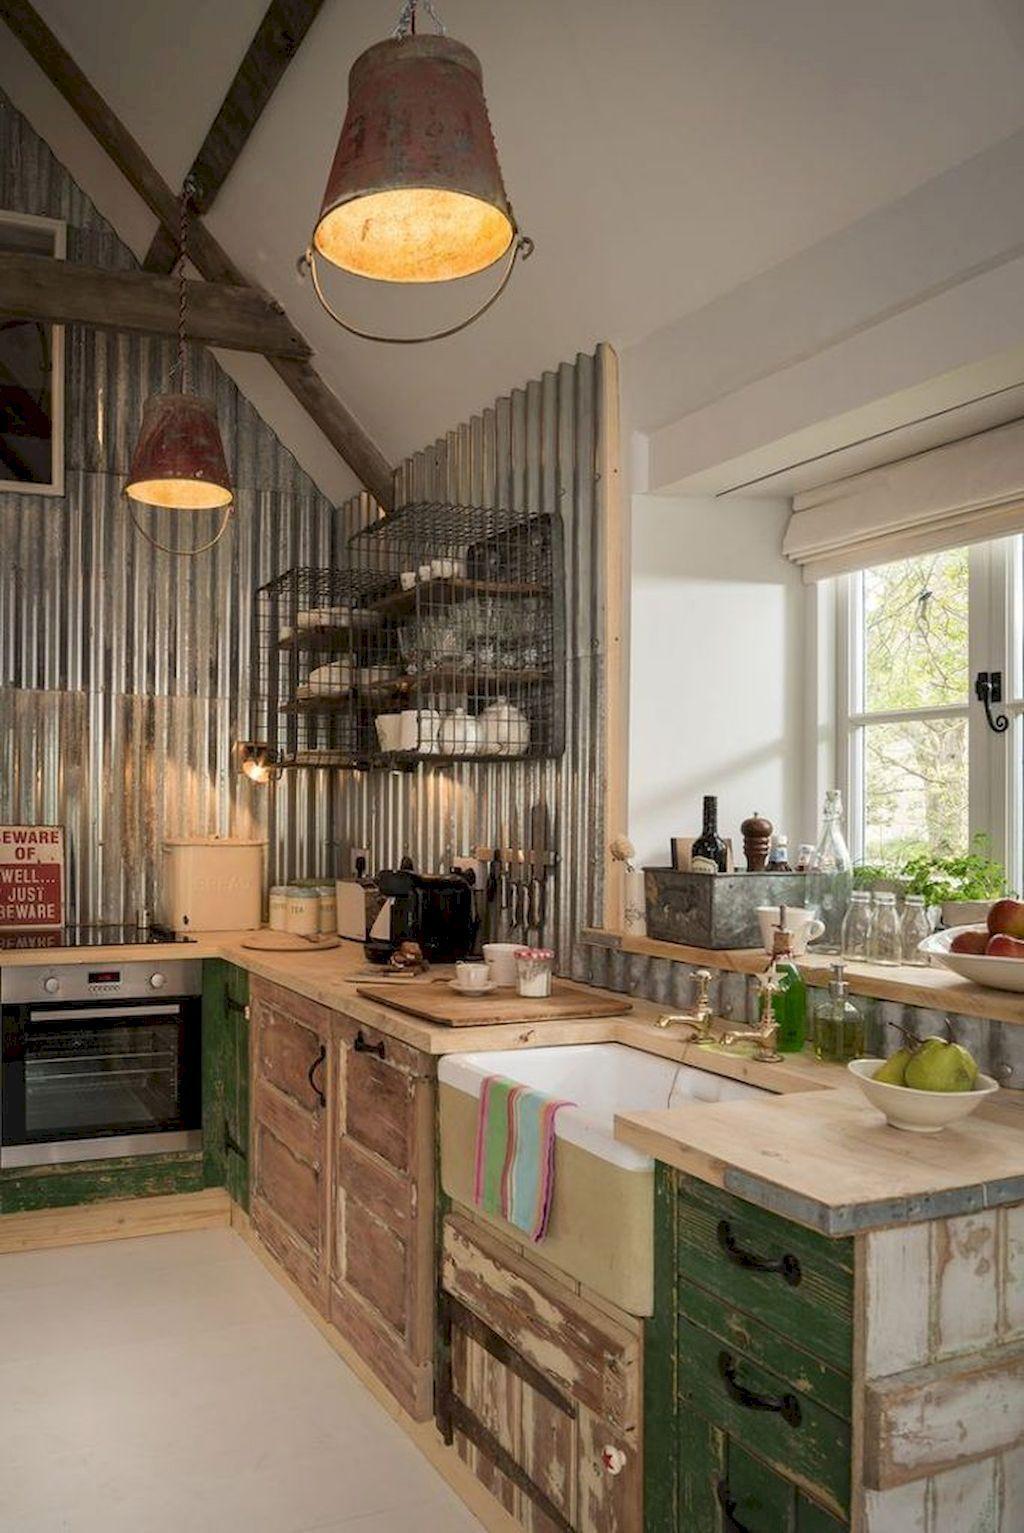 04 Rustic Farmhouse Kitchen Ideas for 2019 Cabin